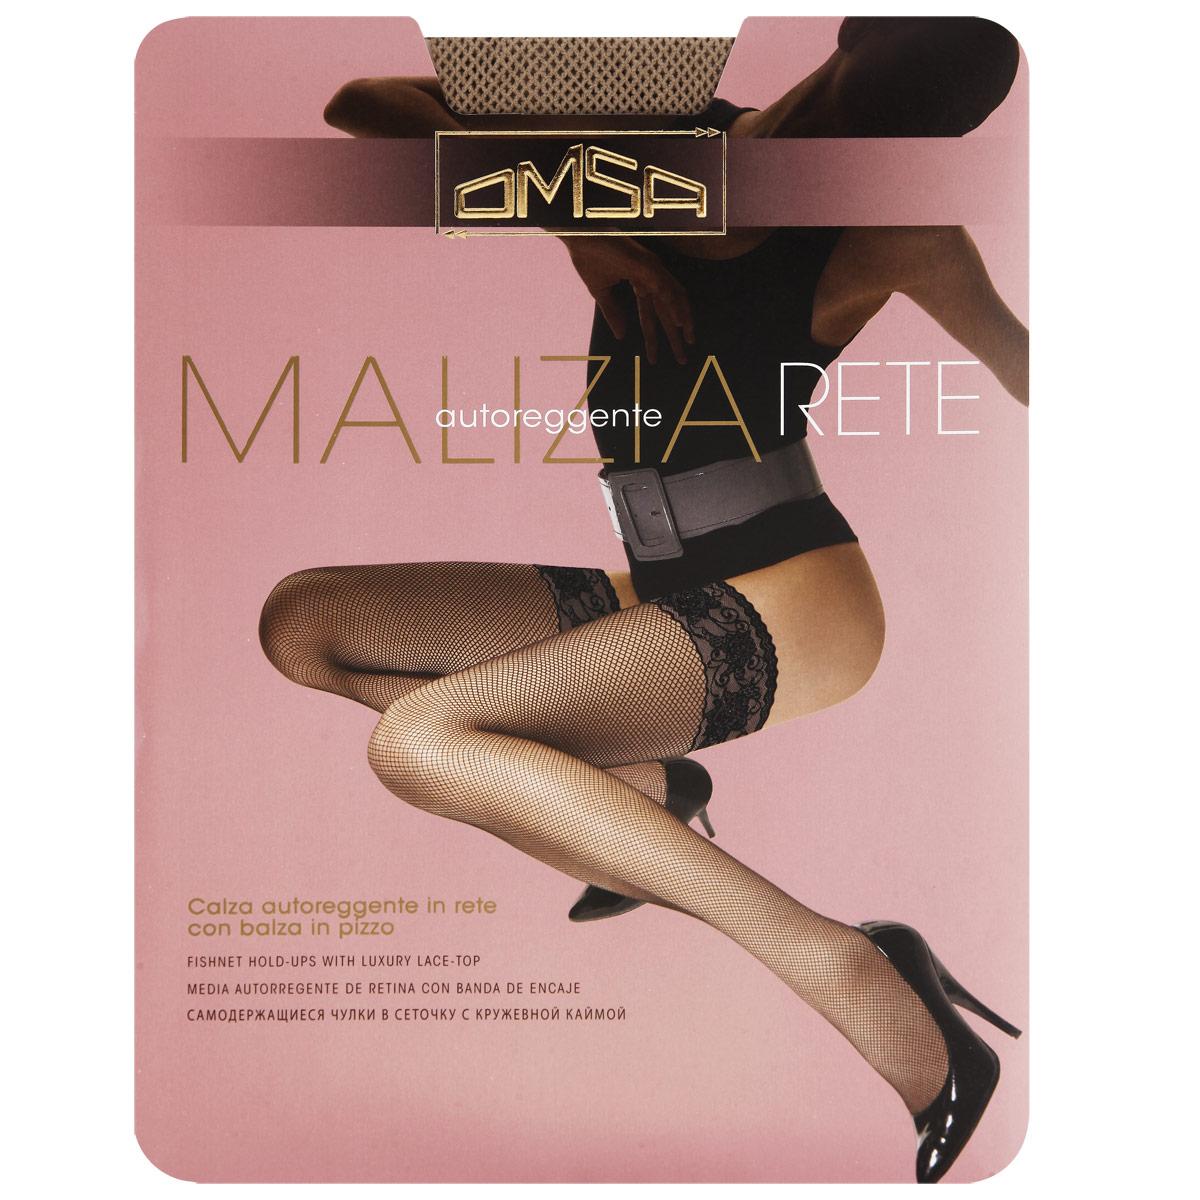 Malizia Rete_NaturalСамодержащиеся чулки в сеточку Omsa Malizia Rete с кружевной резинкой на силиконовой основе.